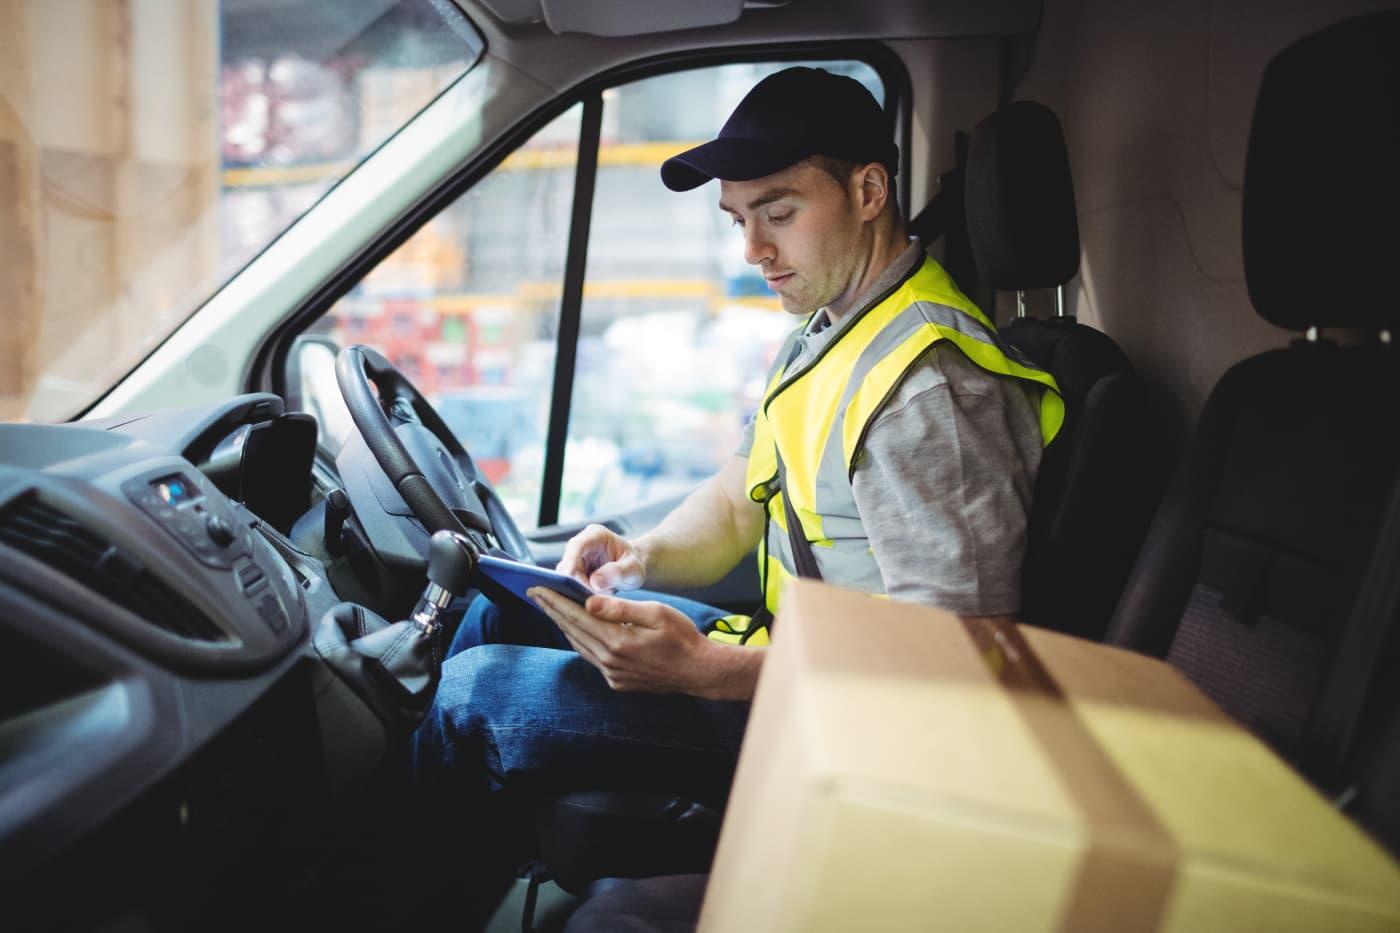 La digitalización supone una ventaja competitiva para las empresas de transporte en un mercado cada vez más complicado